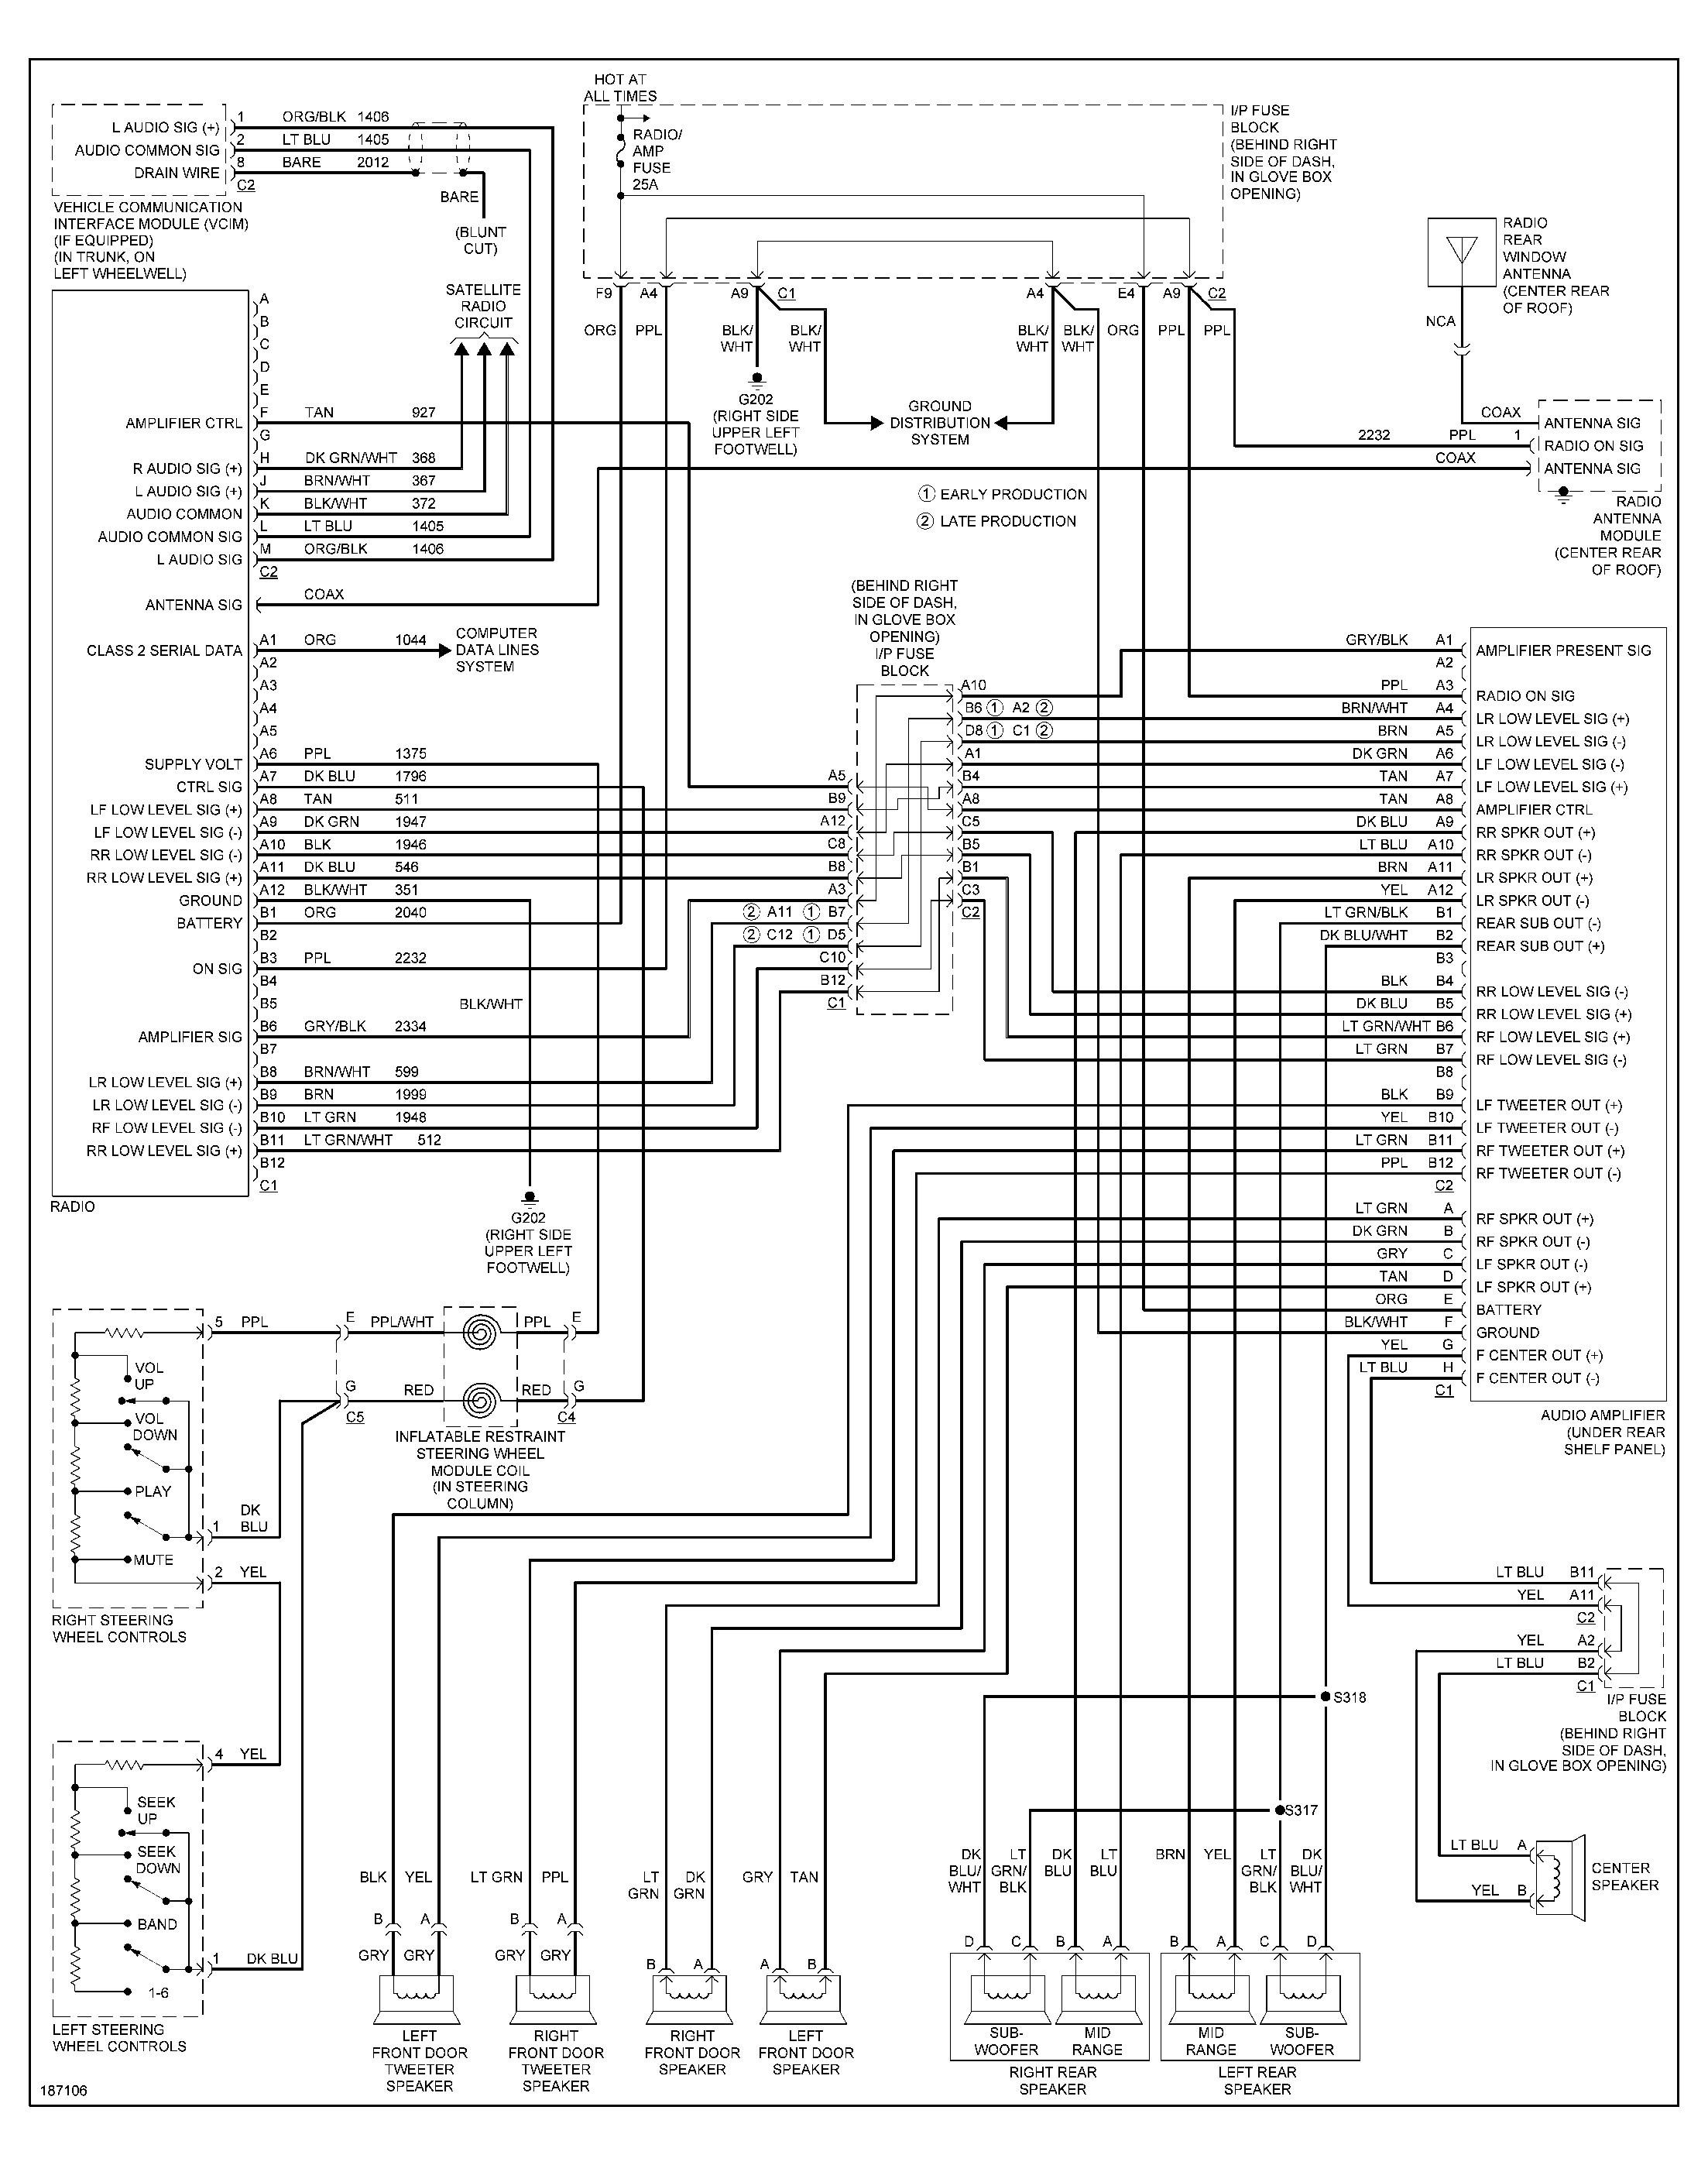 2002 Pontiac Grand Am Engine Diagram Take A Look About 1995 Grand Am with Awesome Of 2002 Pontiac Grand Am Engine Diagram